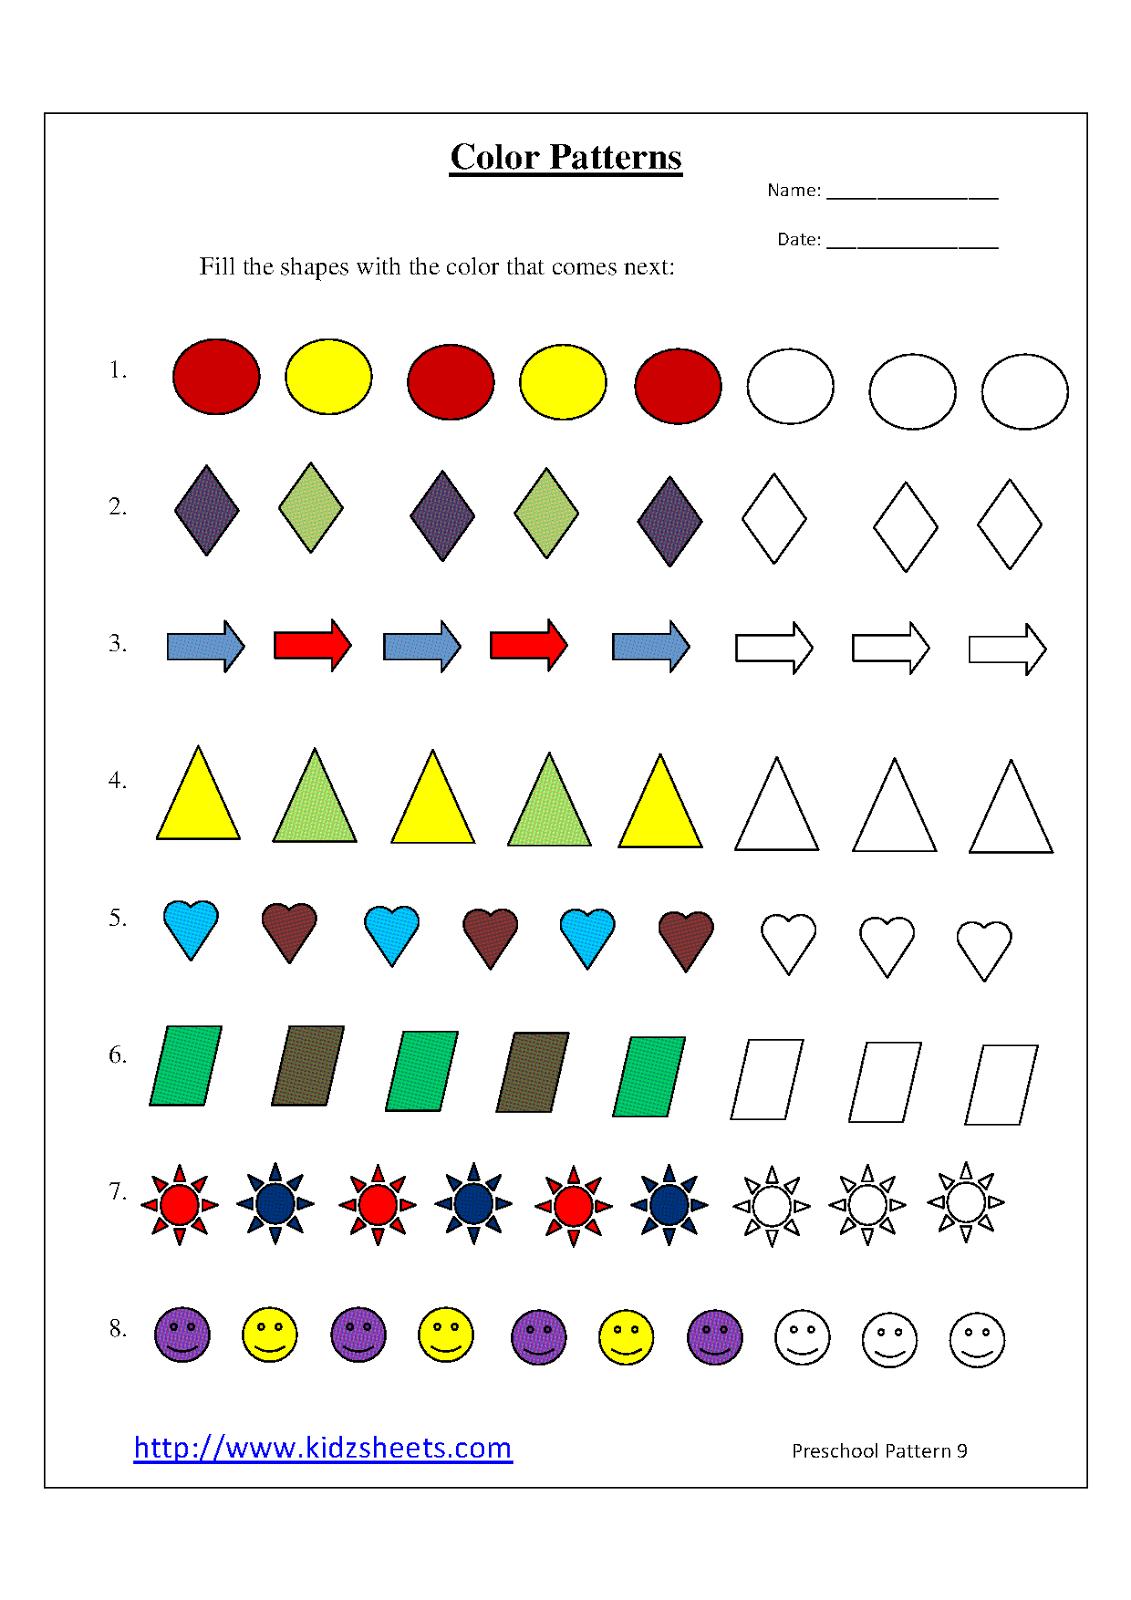 kidz worksheets preschool color patterns worksheet9. Black Bedroom Furniture Sets. Home Design Ideas